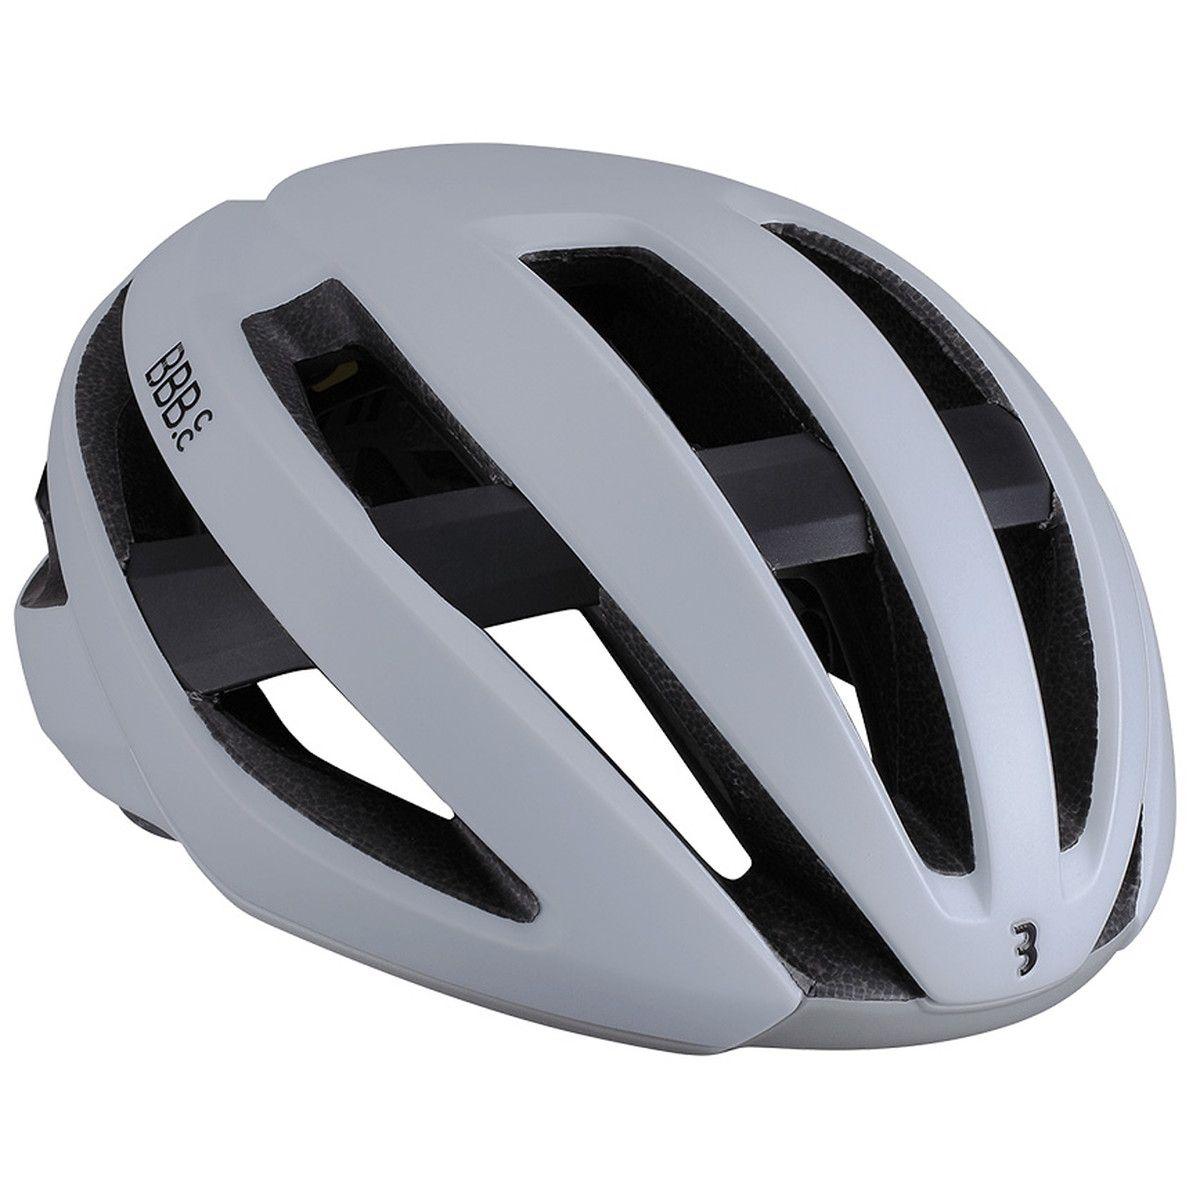 自転車・サイクリング, ヘルメット BHE-10 MAESTRO MIPS L